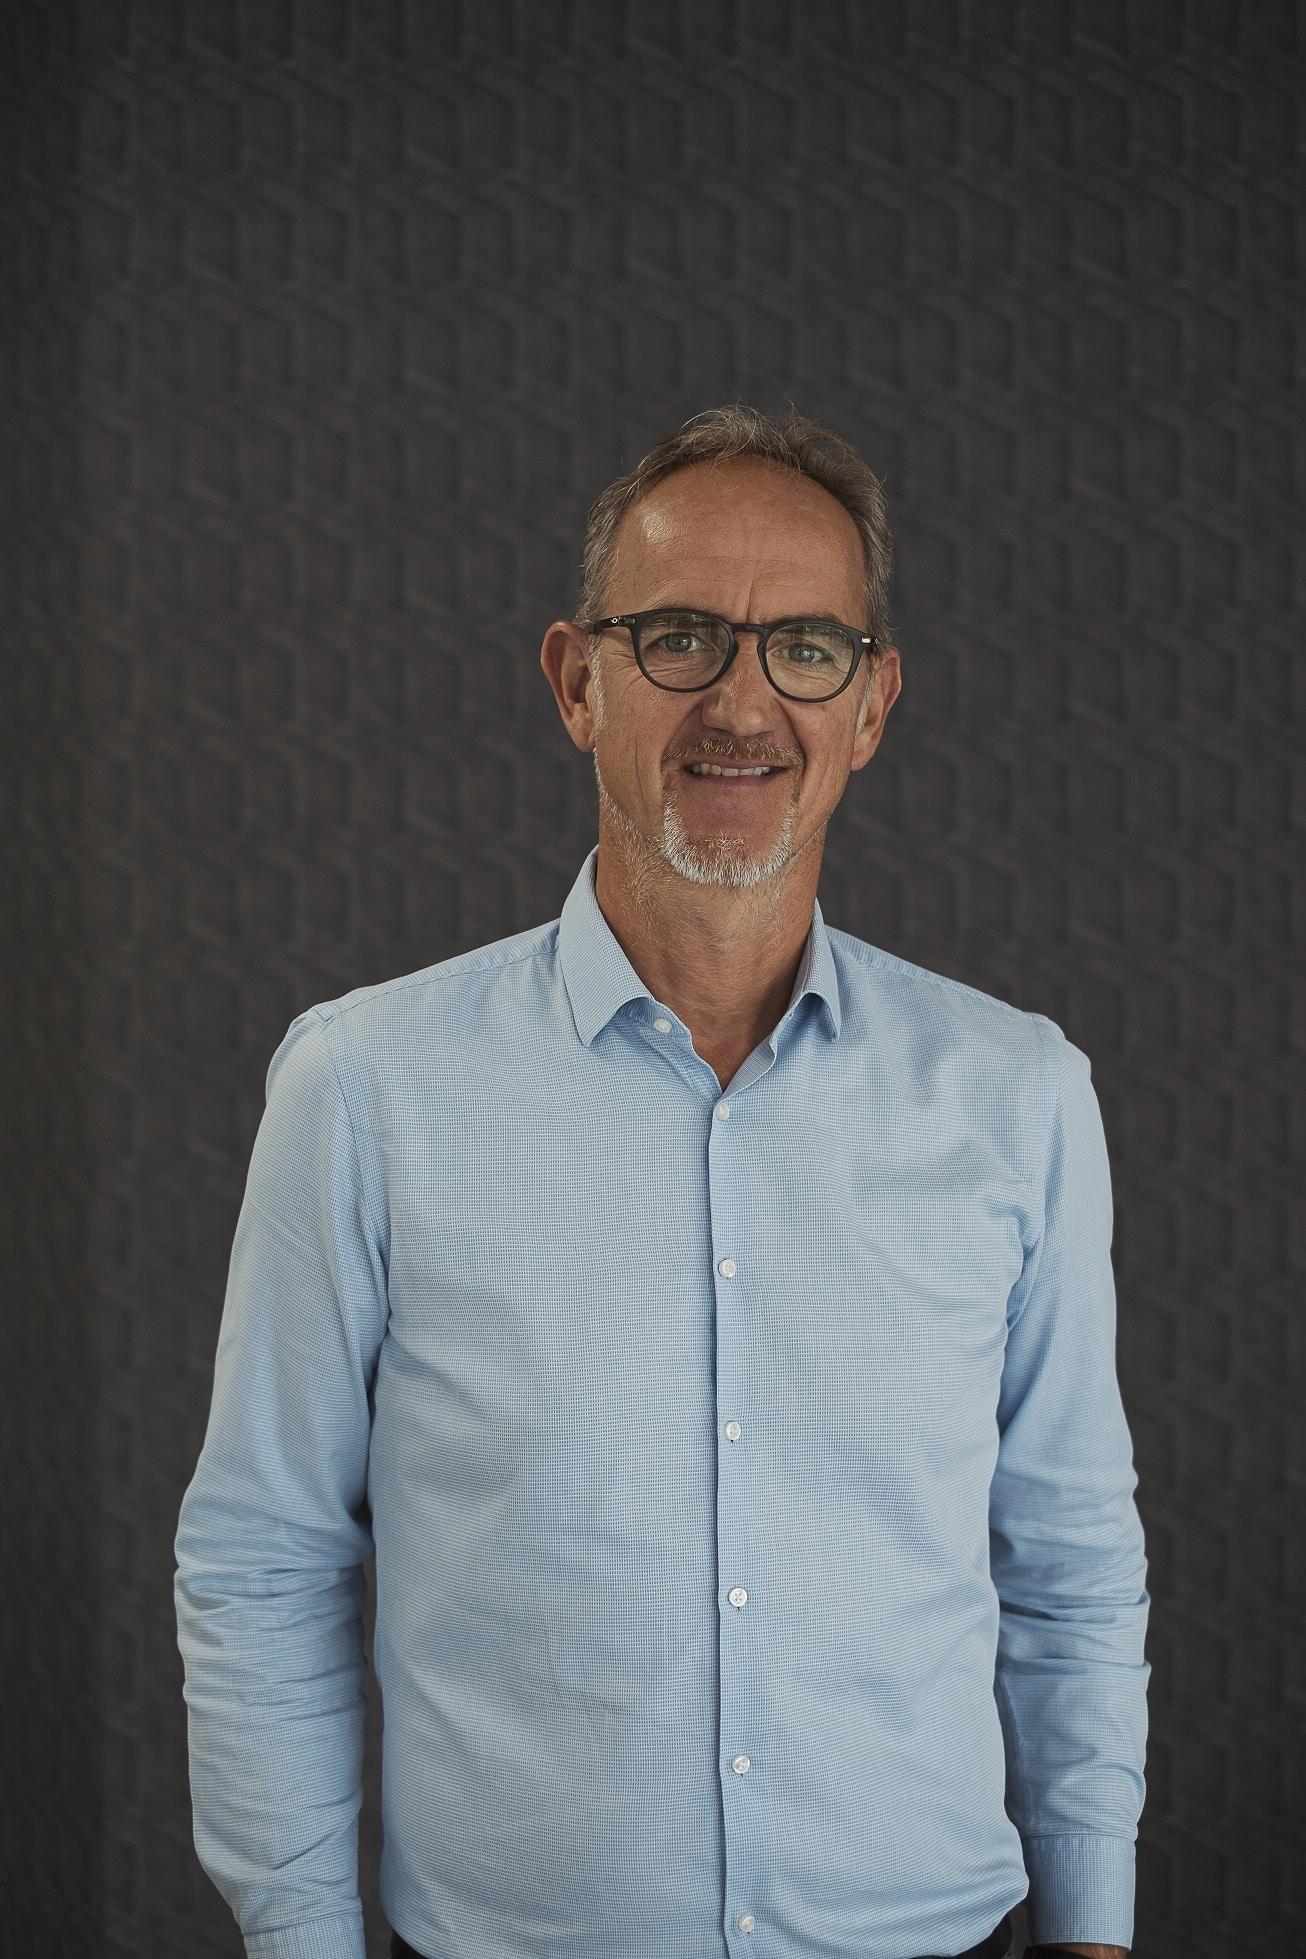 Stefan Mux